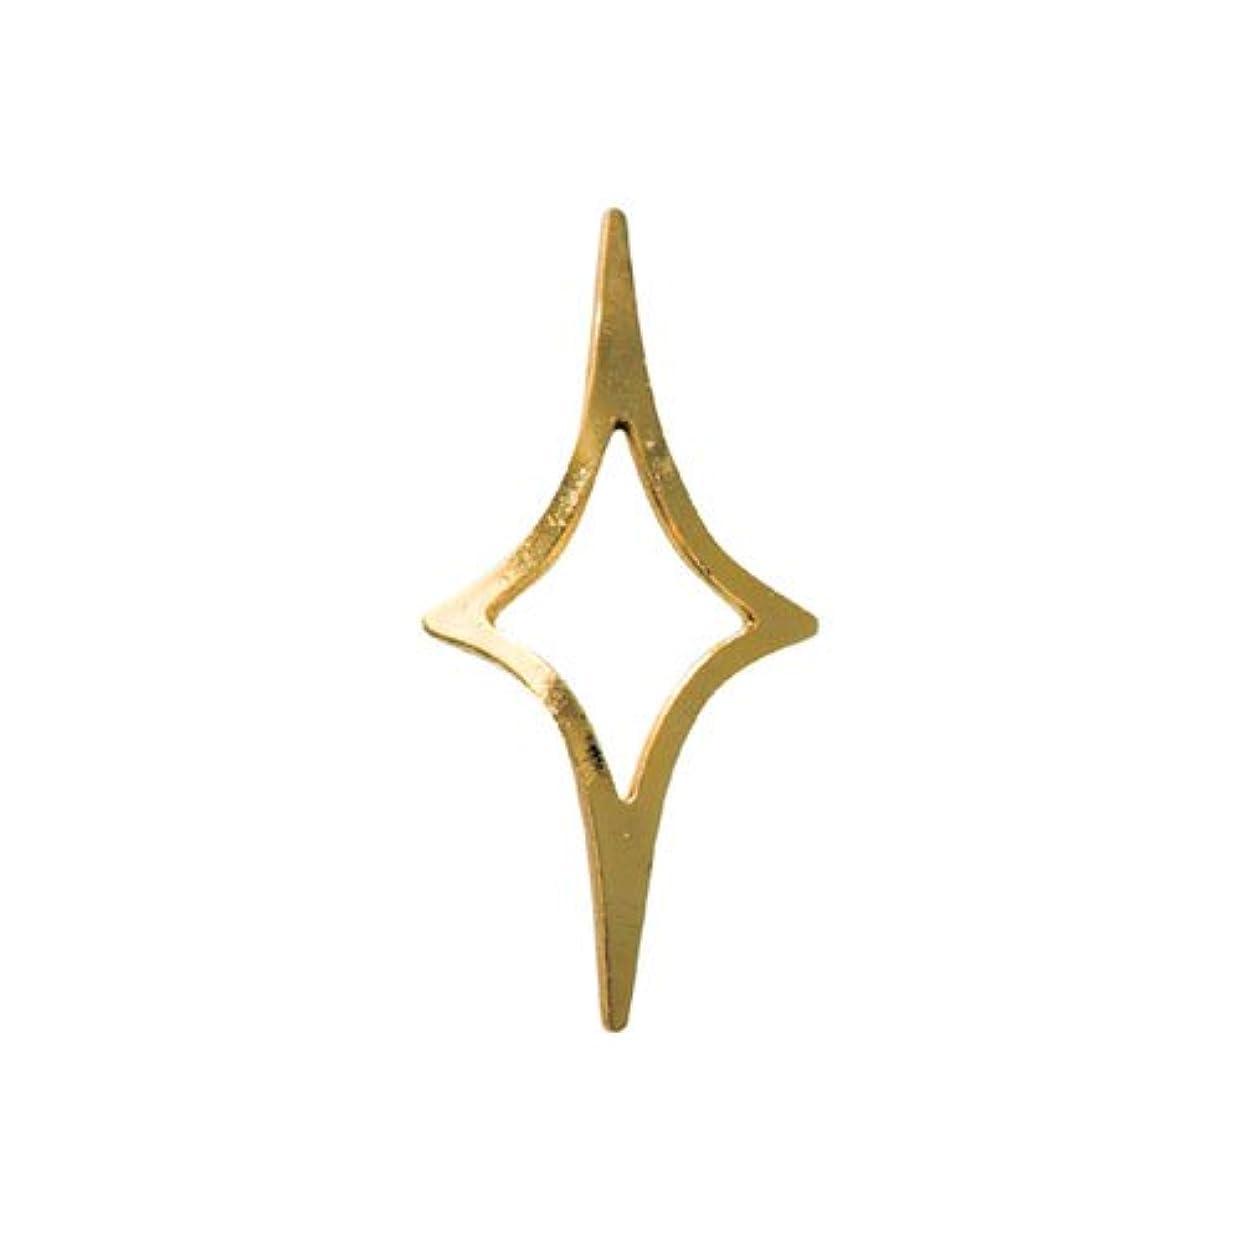 そこから火曜日扱うリトルプリティー ネイルアートパーツ キラキラ2 3S ゴールド 20個